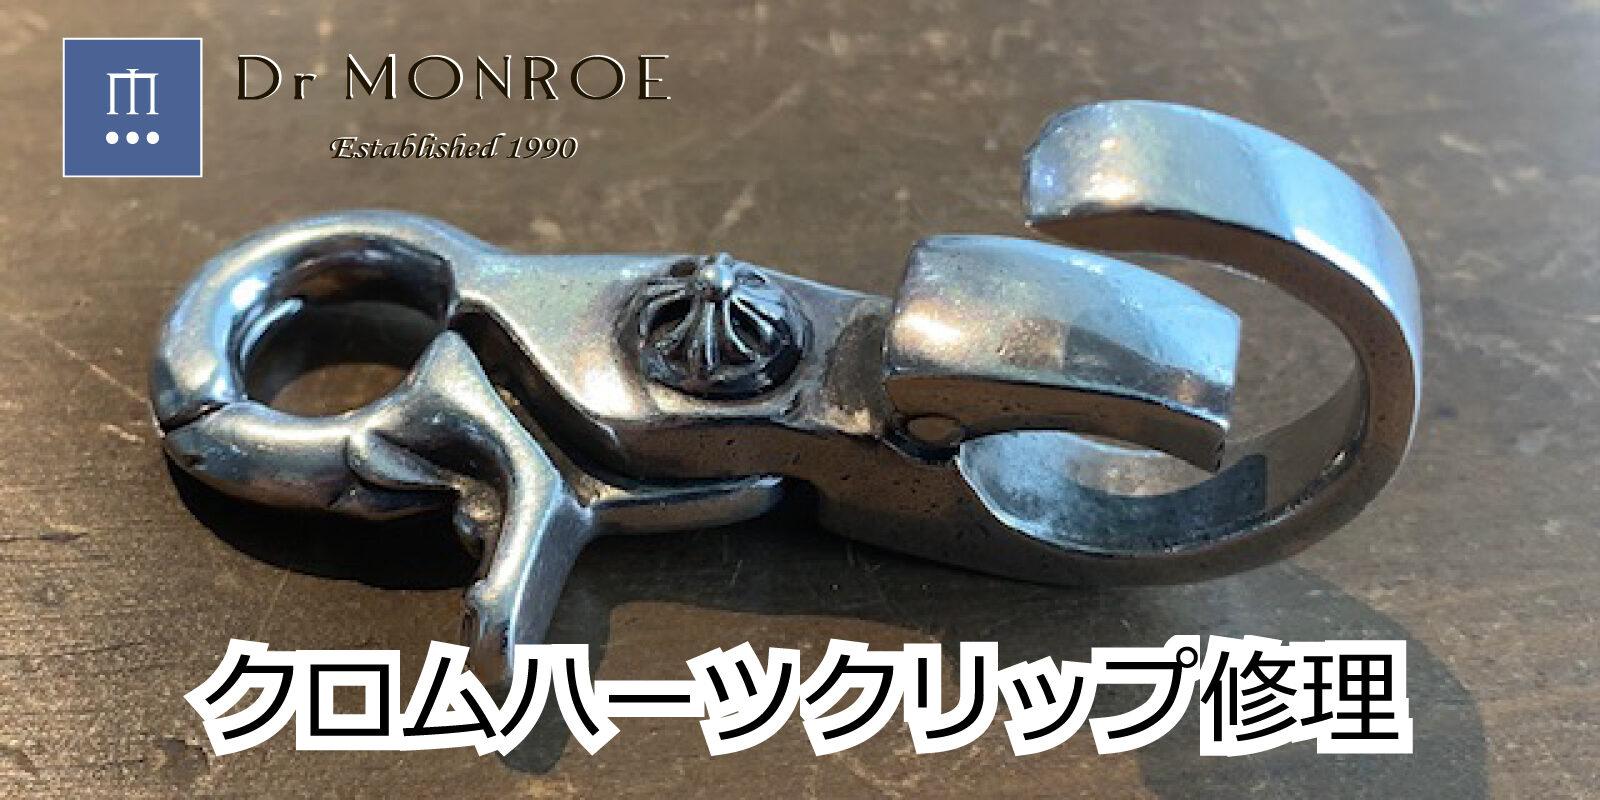 クロムハーツのクリップのバネ折れ修理